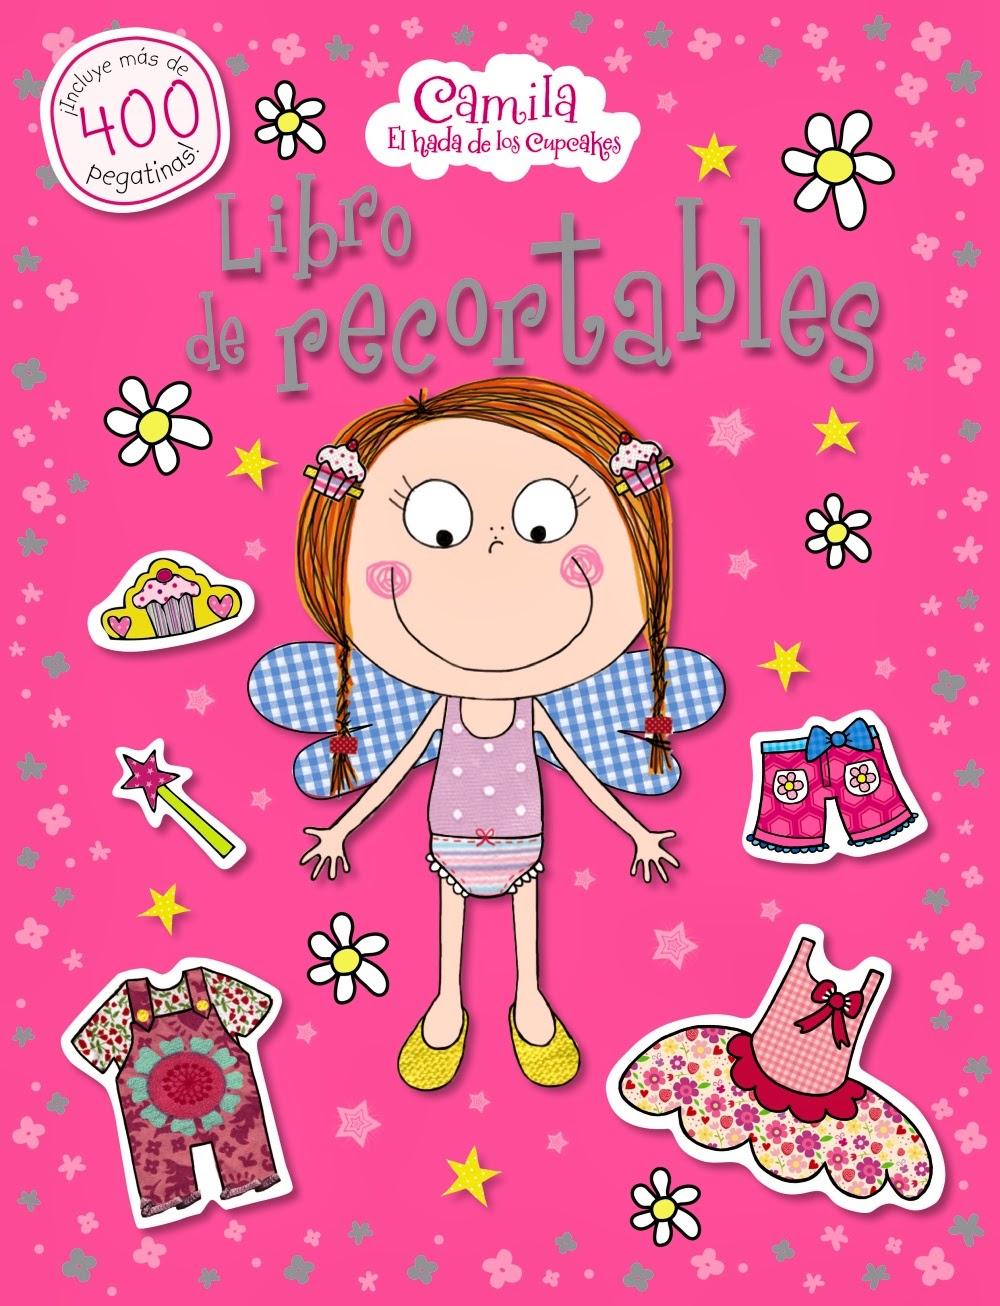 http://www.quelibroleo.com/camila-el-hada-de-los-cupcakes-libro-de-recortables